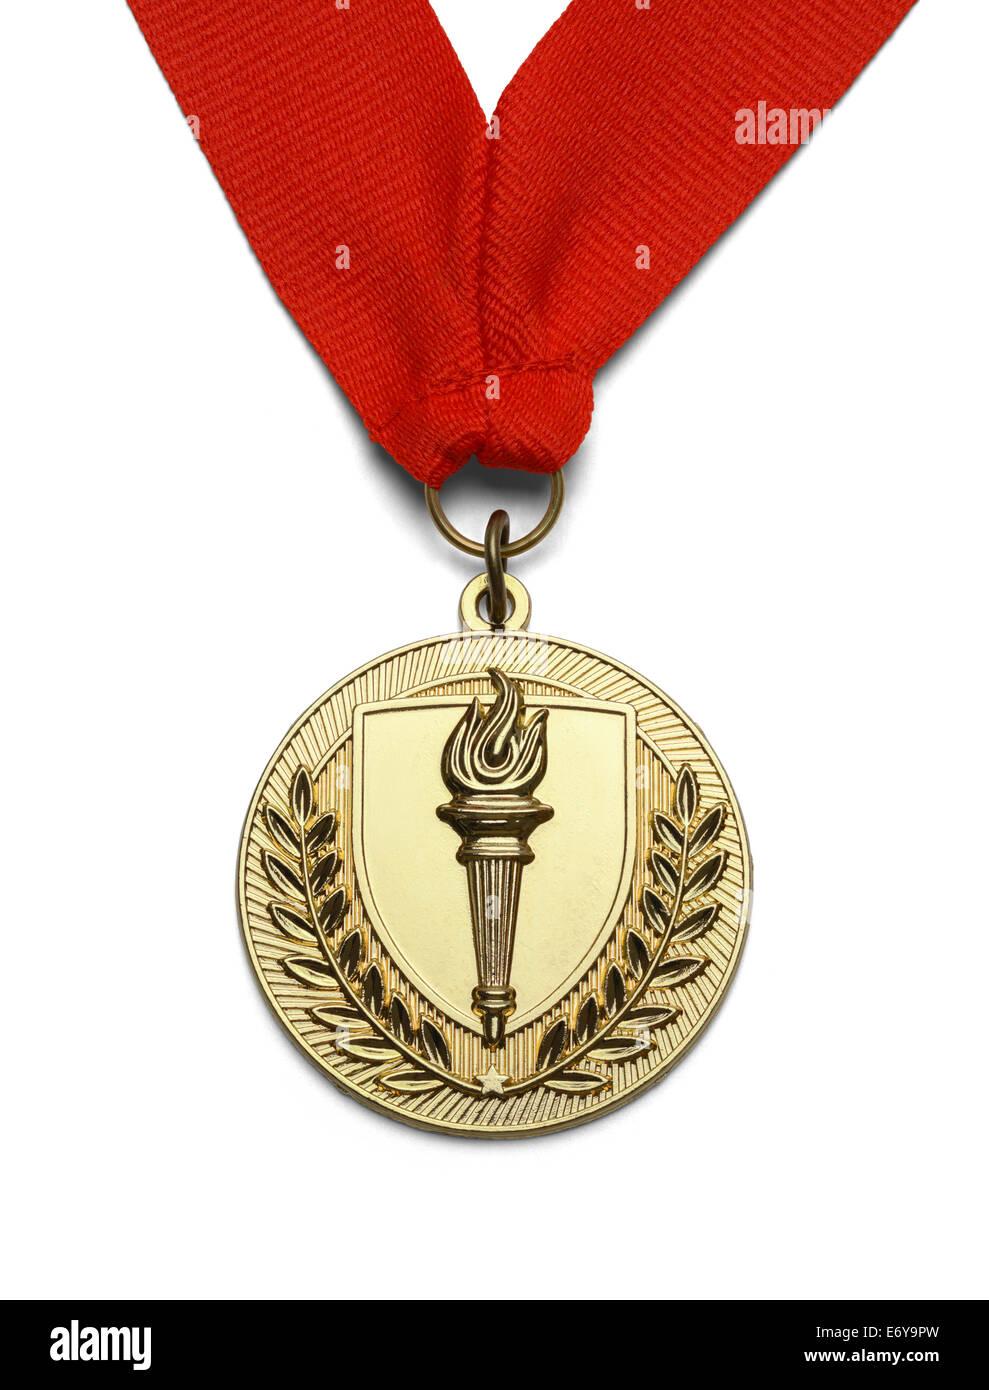 Medaglia d'oro con torcia e nastro rosso isolato su sfondo bianco. Immagini Stock